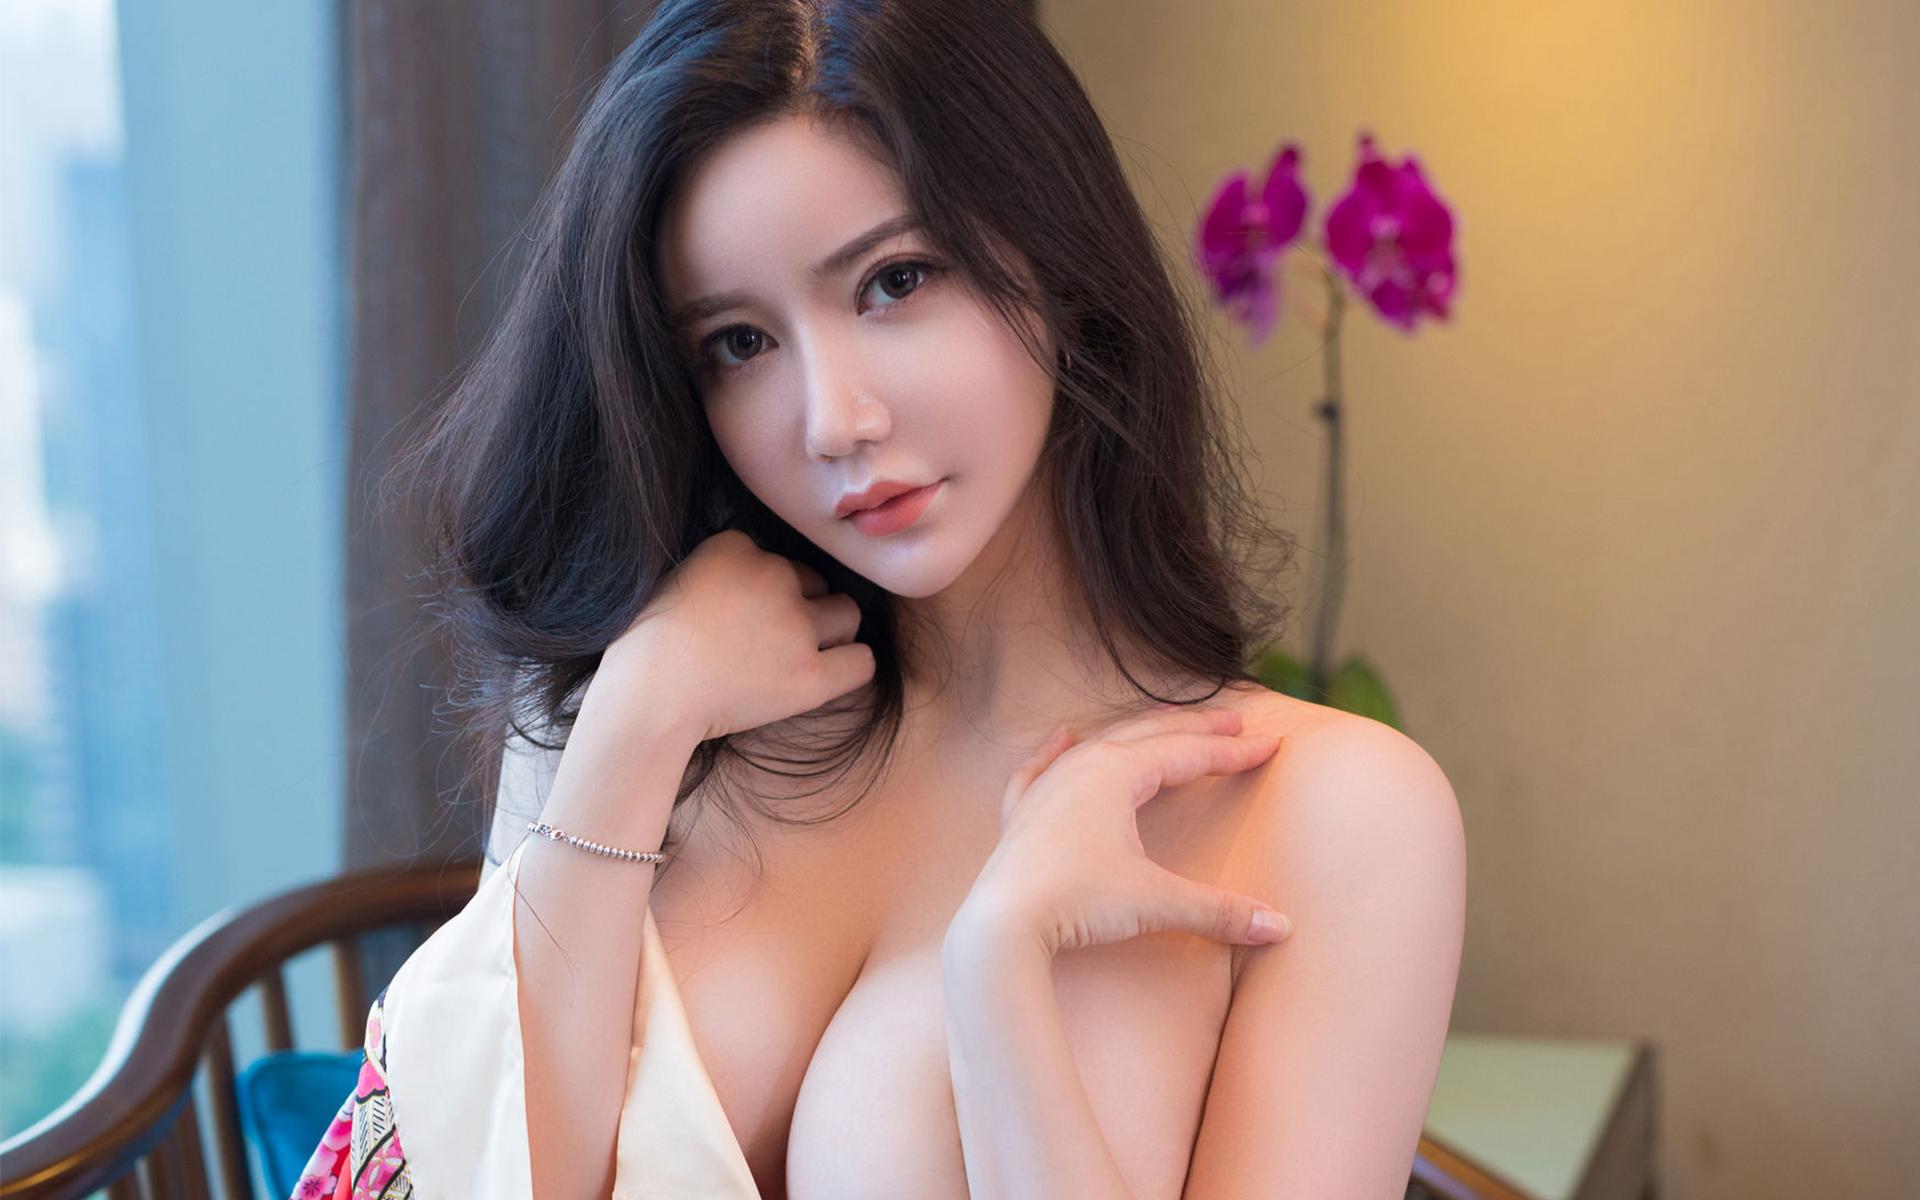 波霸大胸巨乳美女性感挤爆双乳骚艳写真桌面壁纸